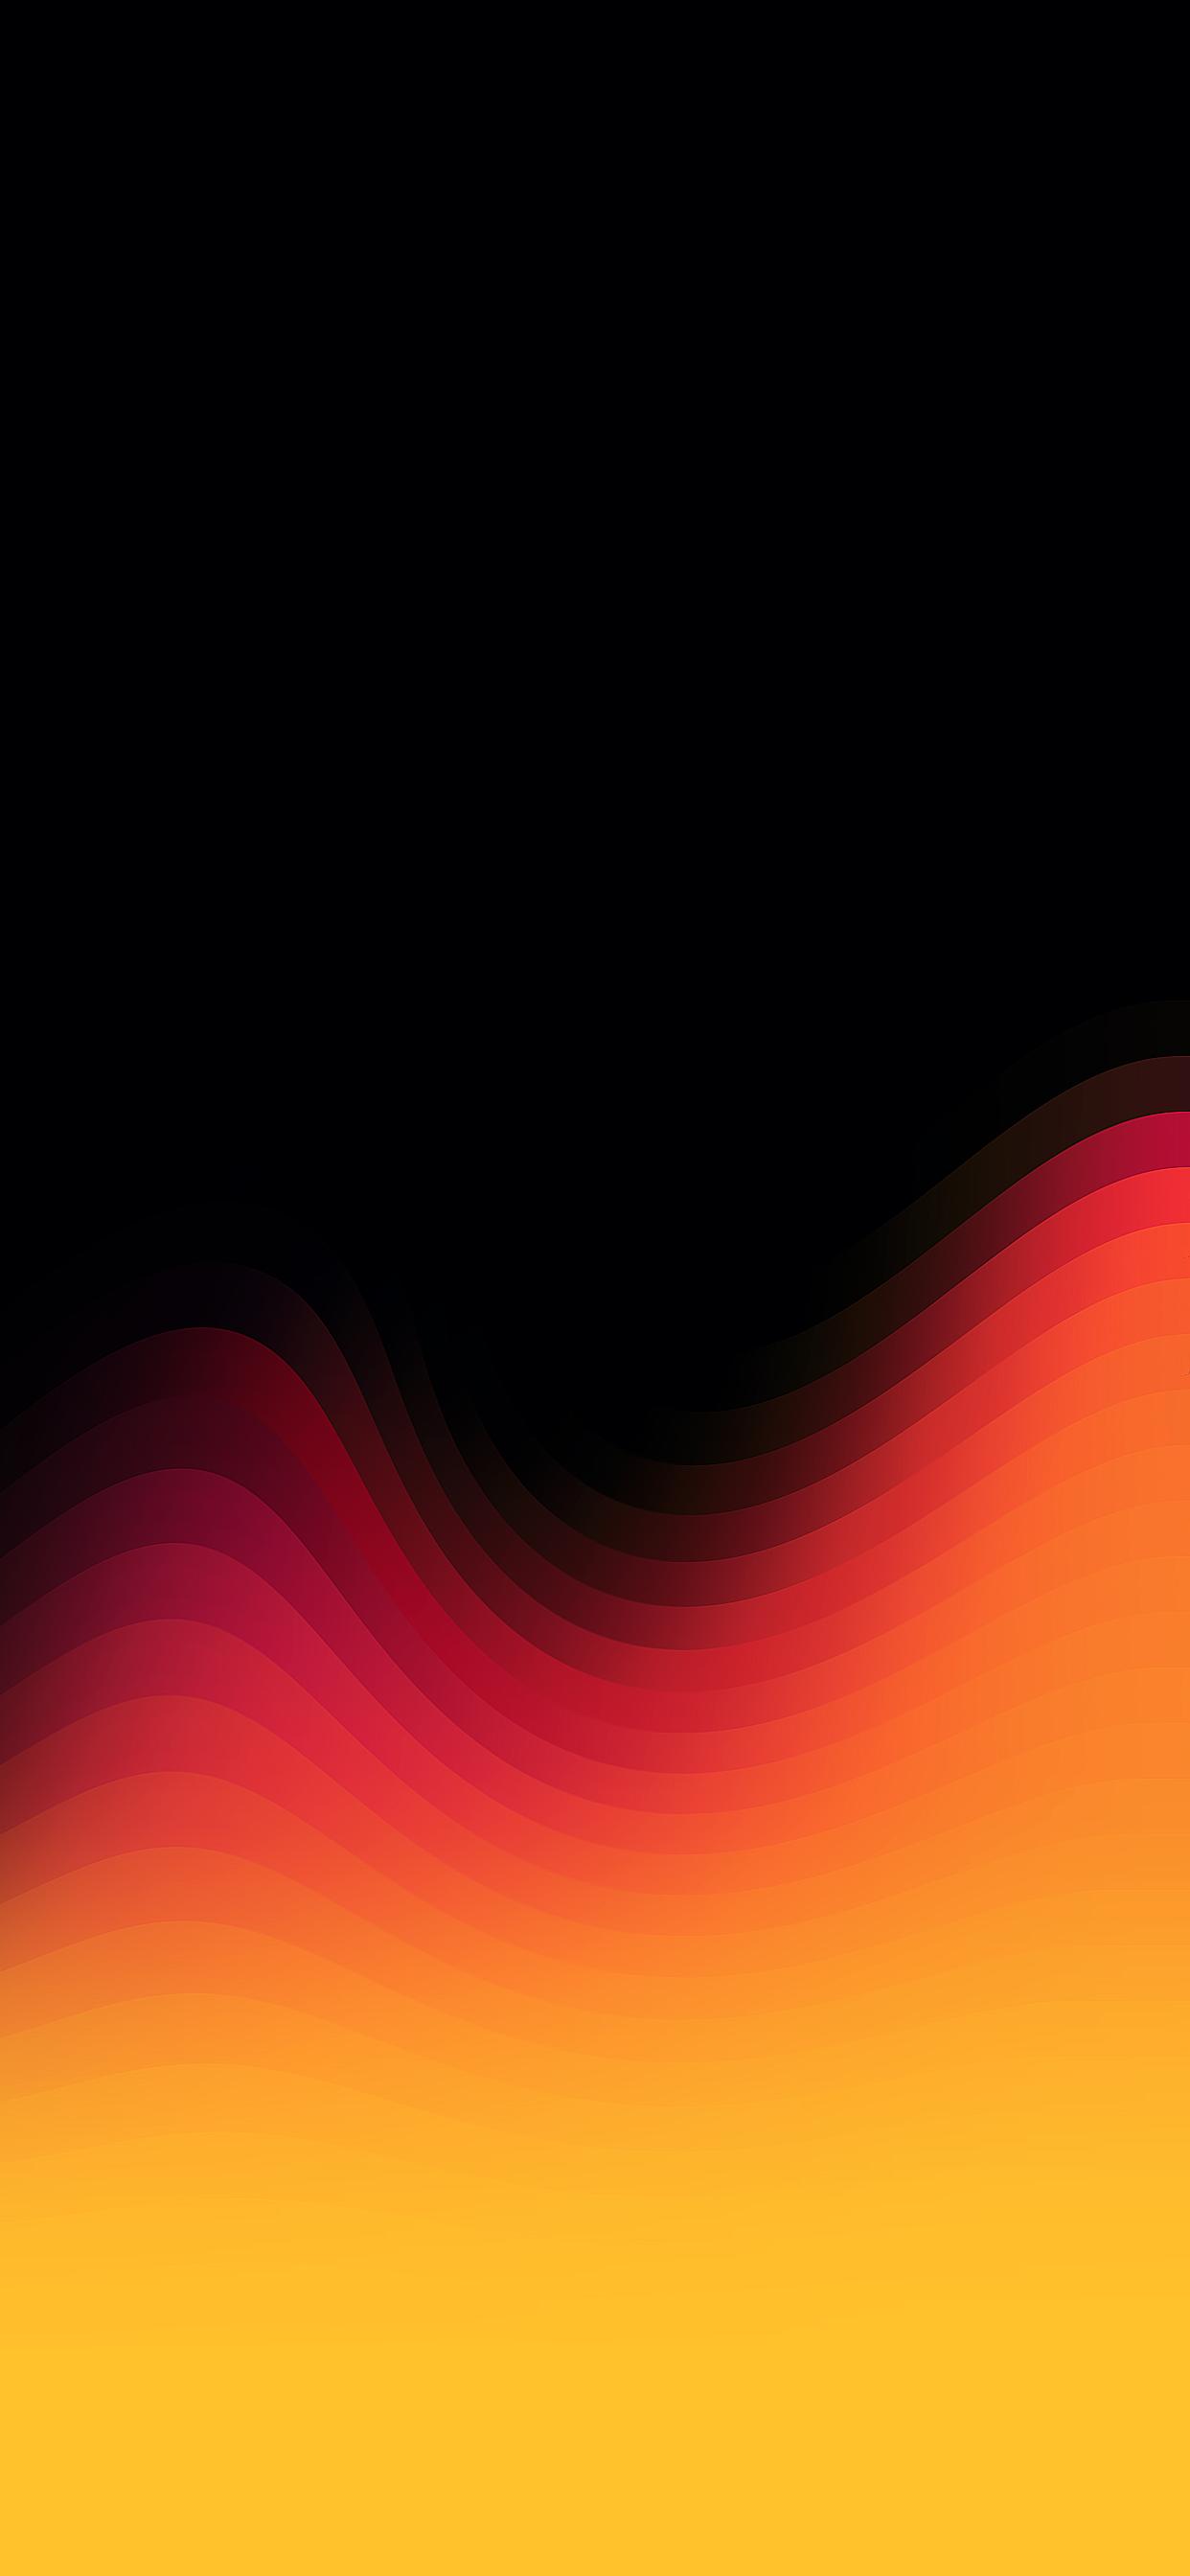 iPhone X, XS, XS Max wallpaper